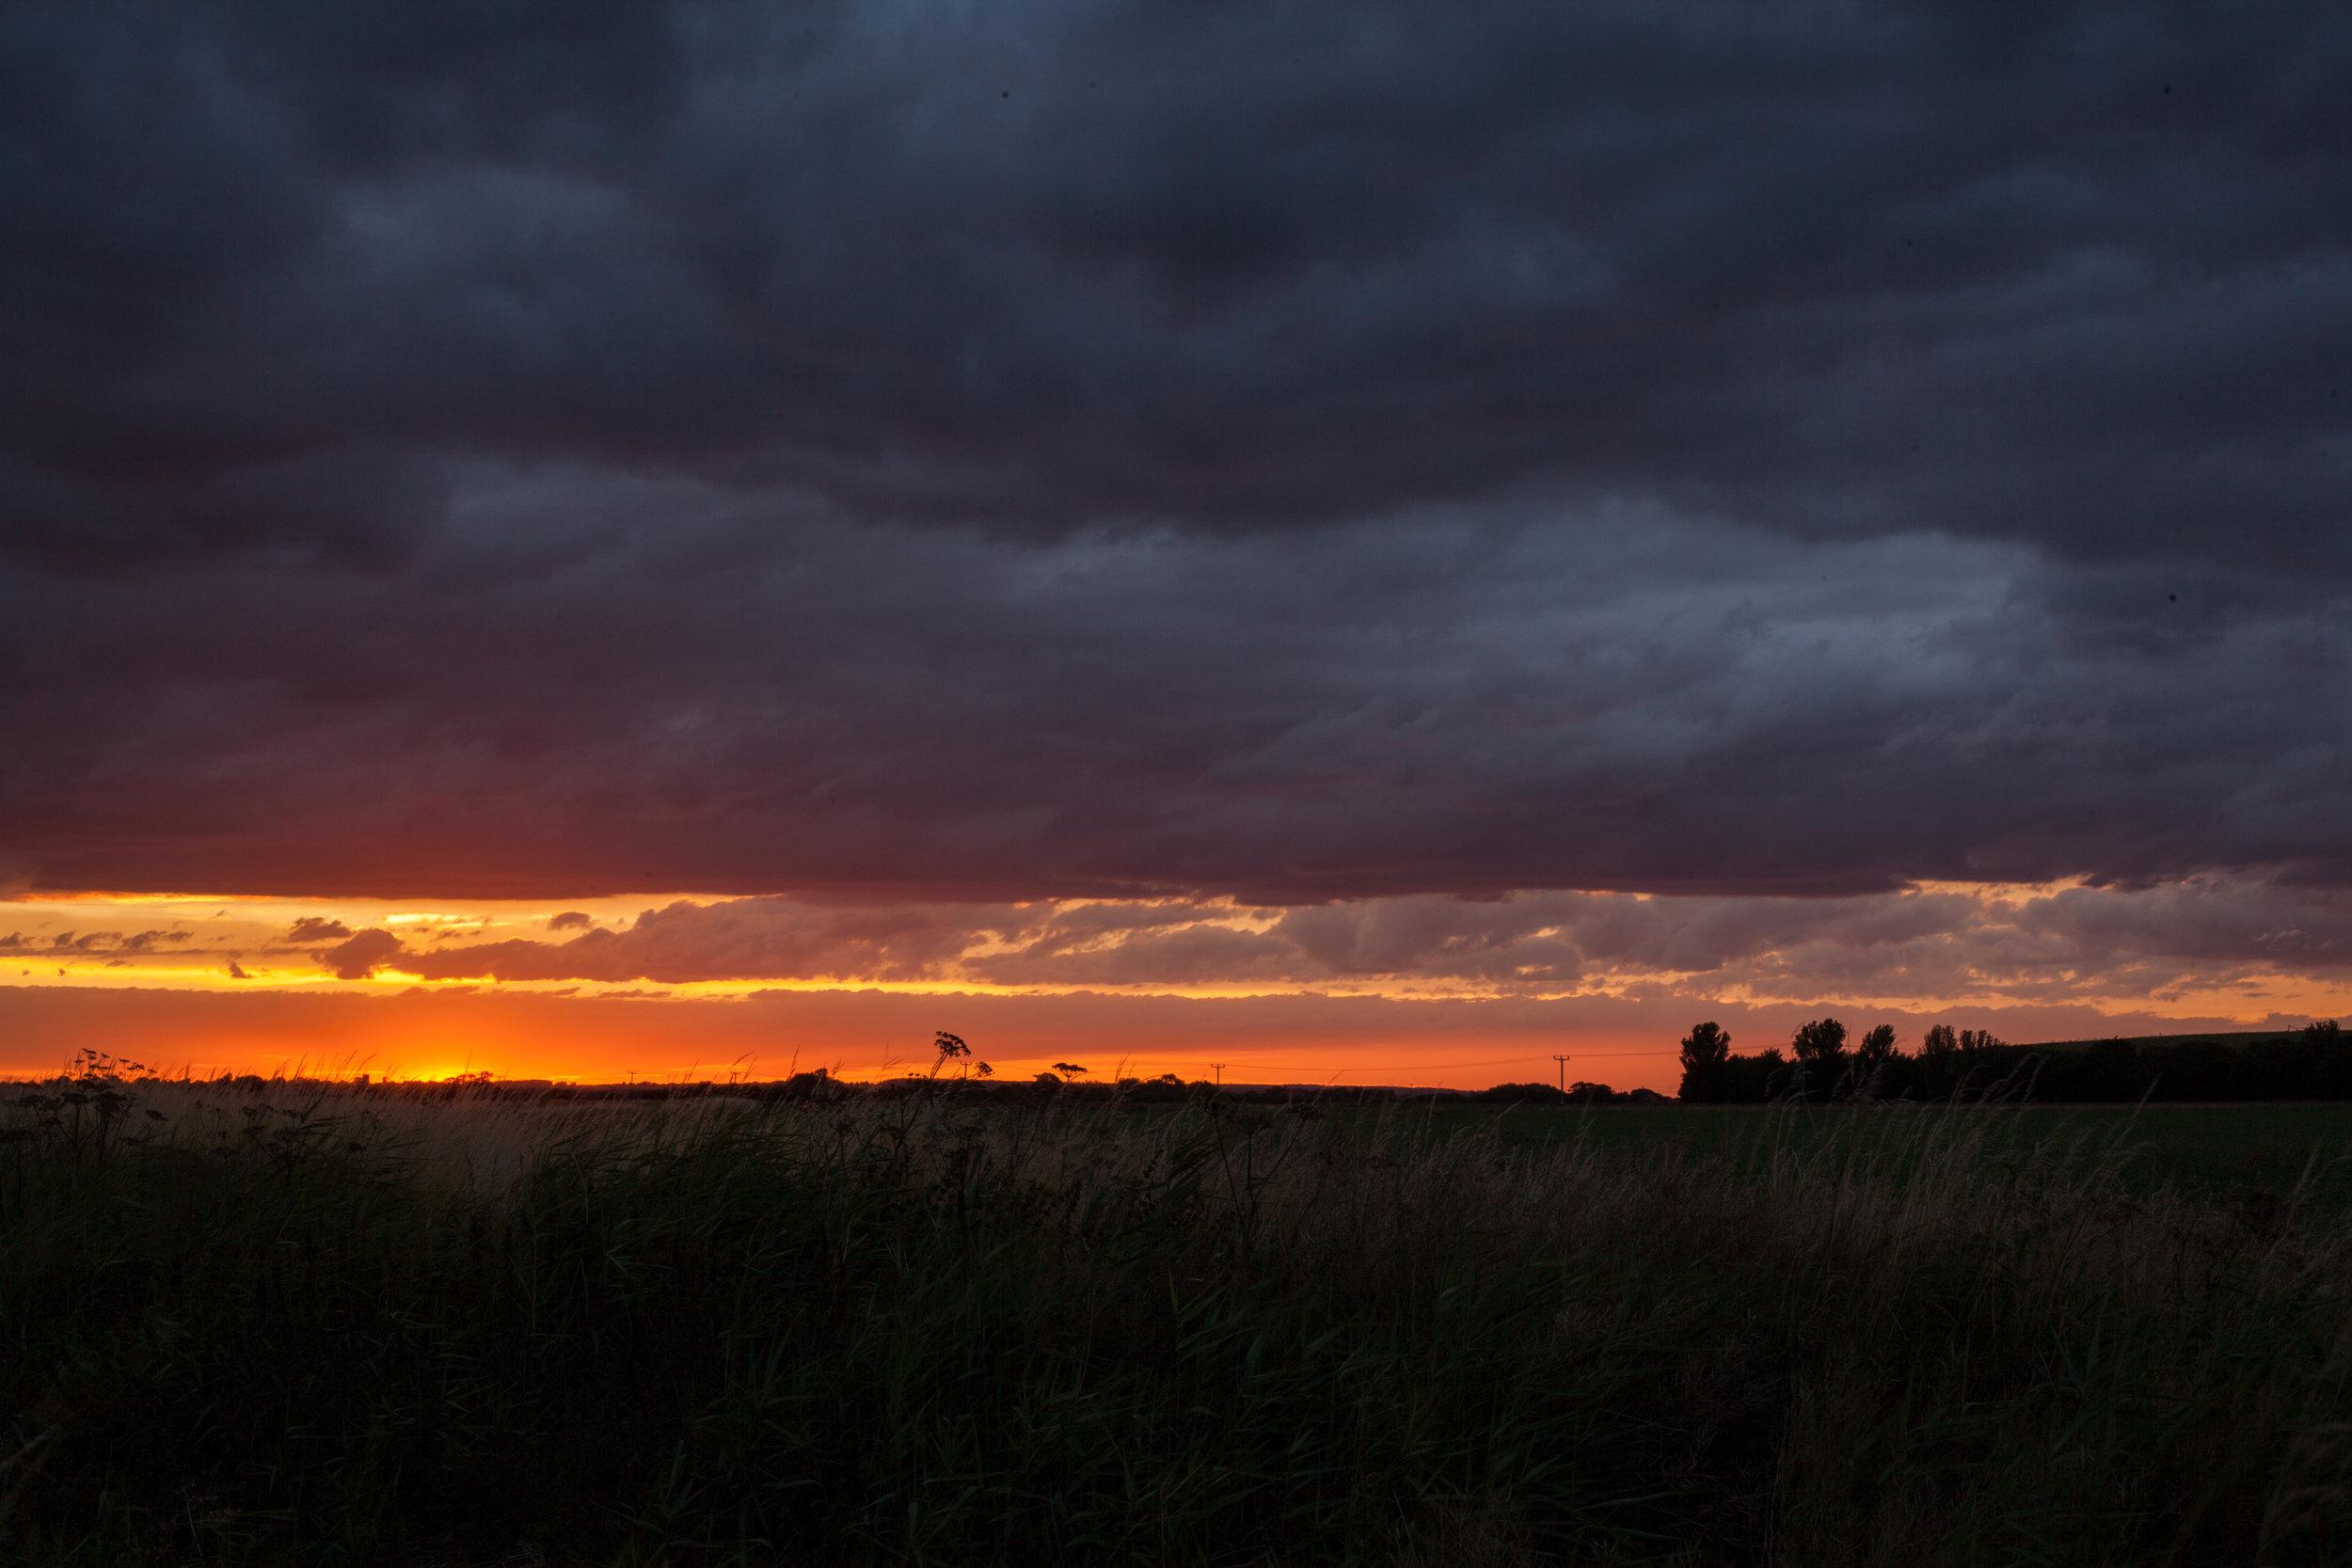 Day_32_06_sunset_skegg.jpg